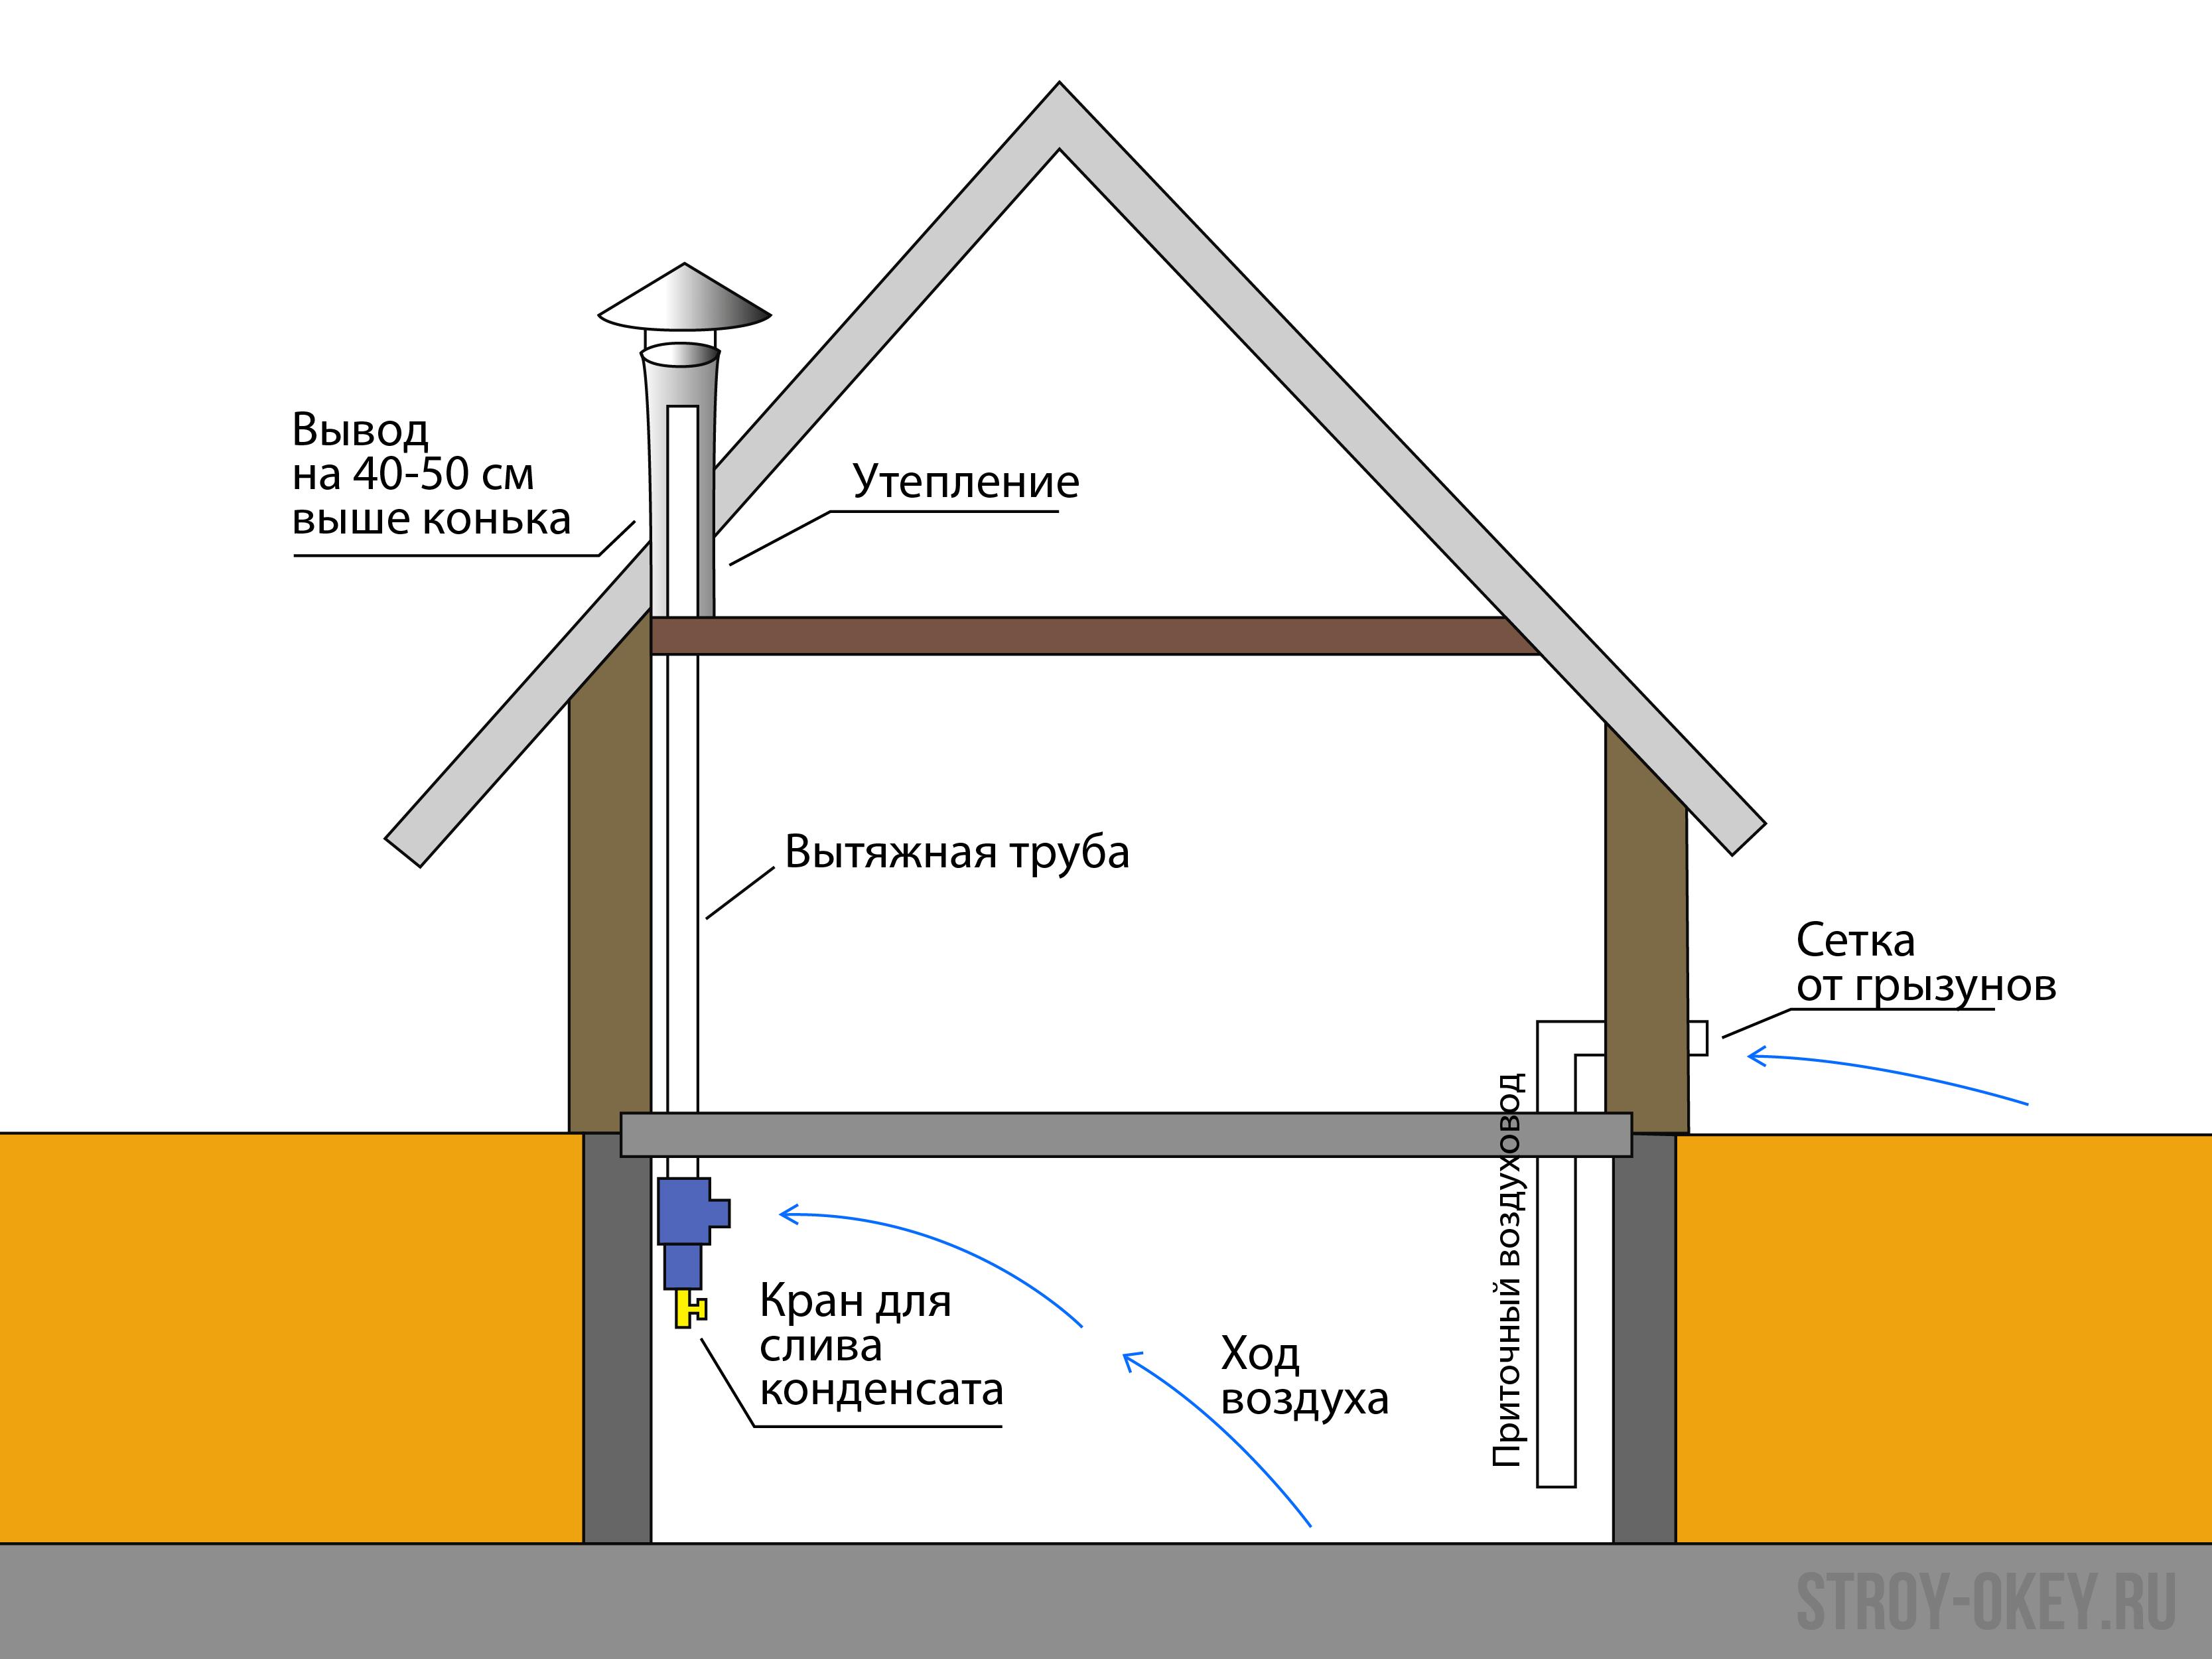 Вентиляция погреба под частным домом